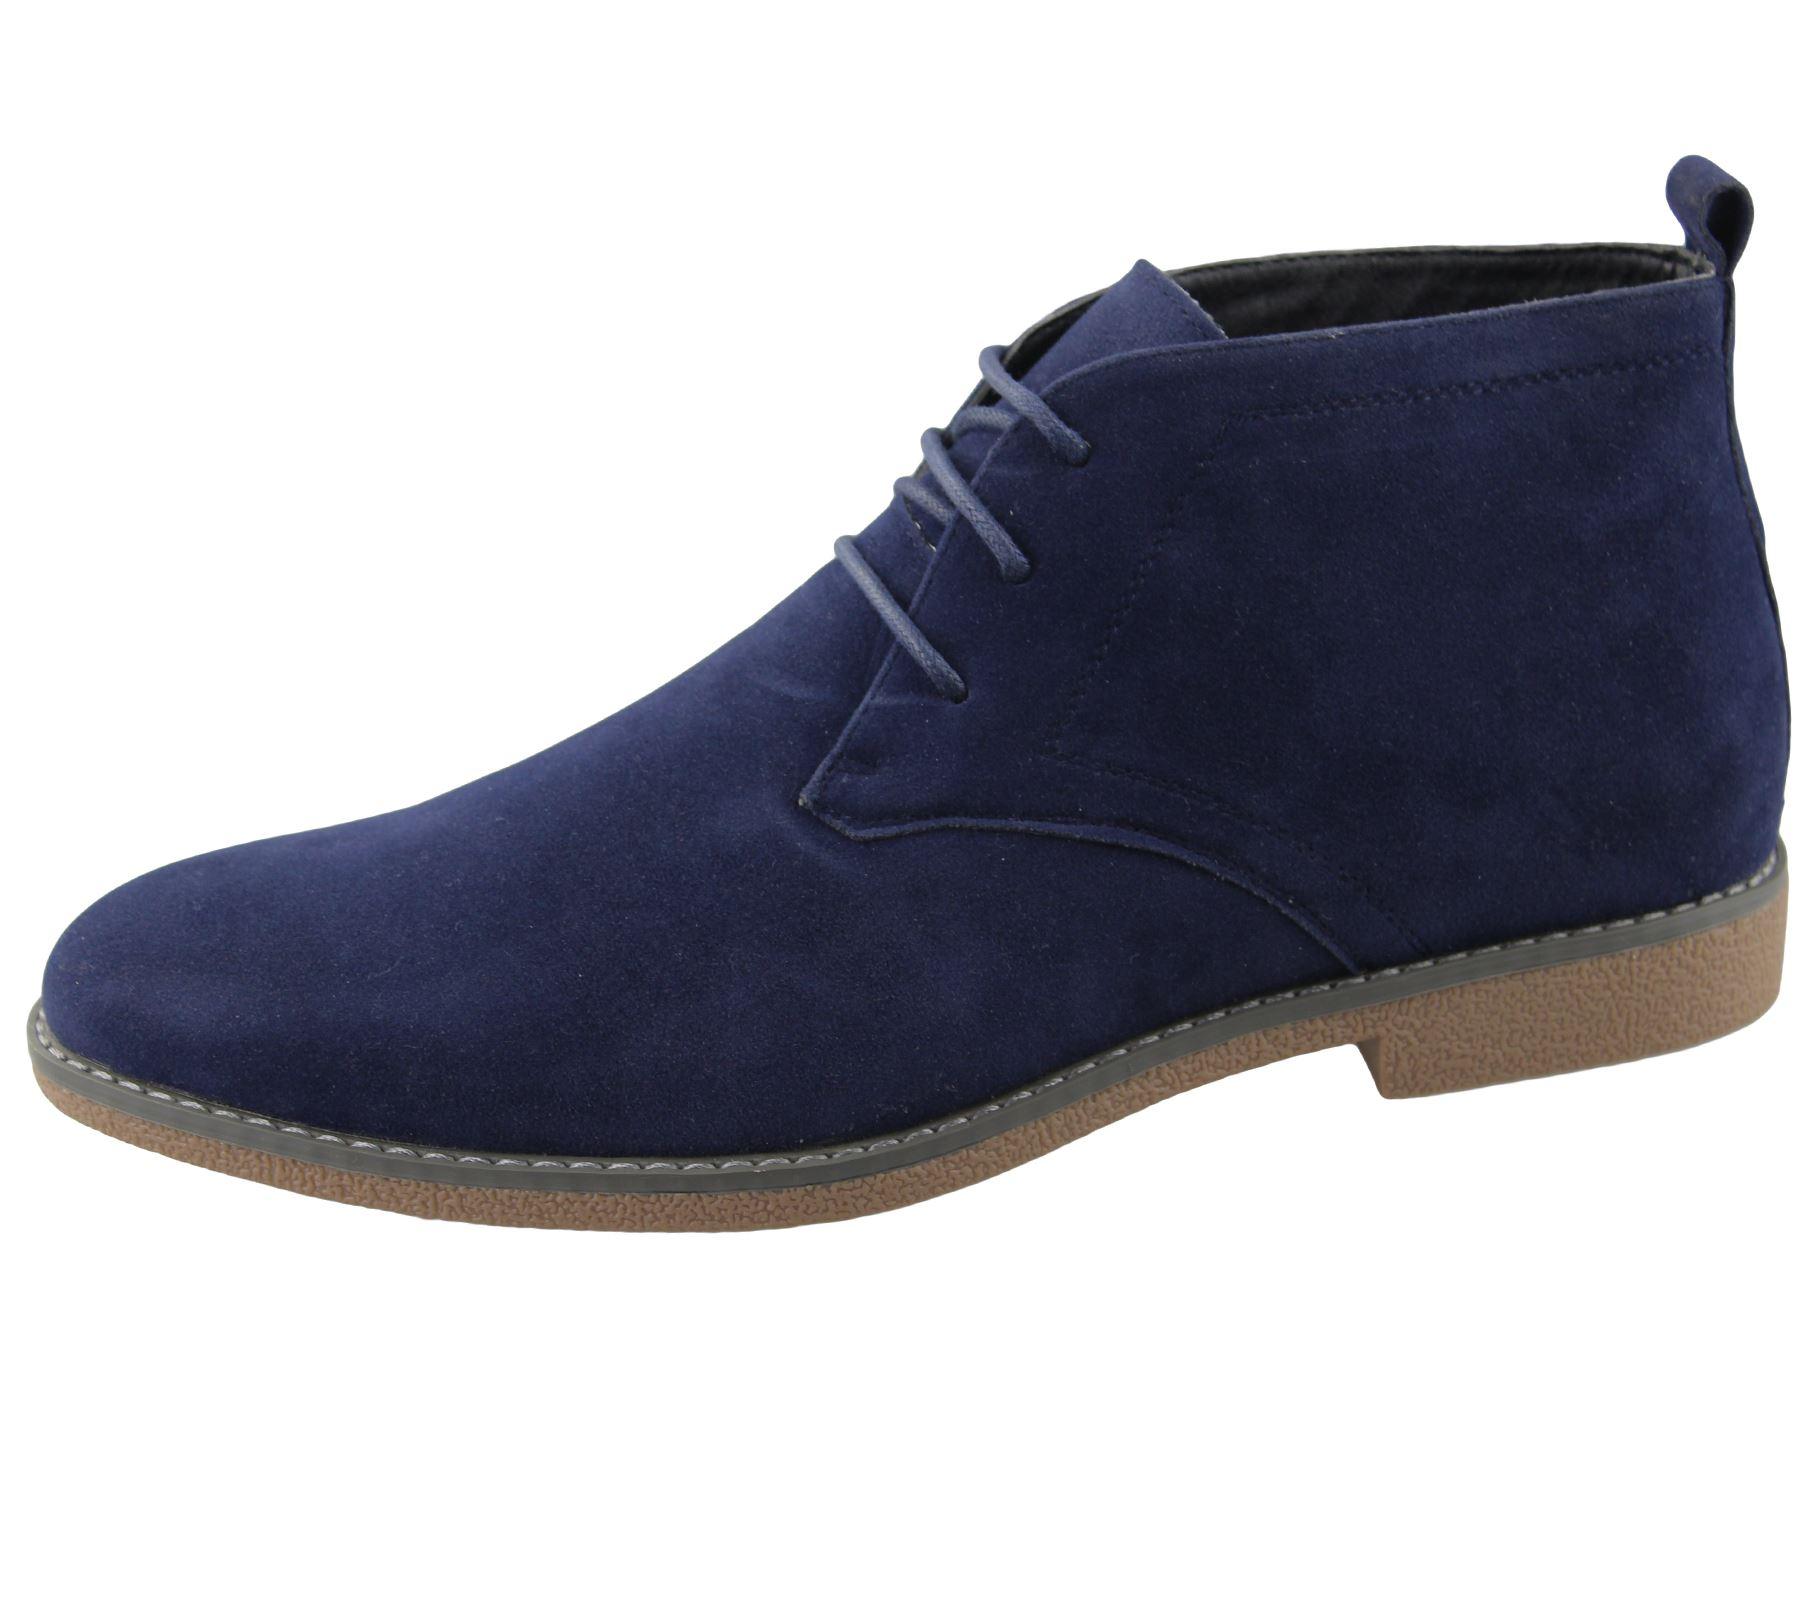 Carvela Shoe Sizes